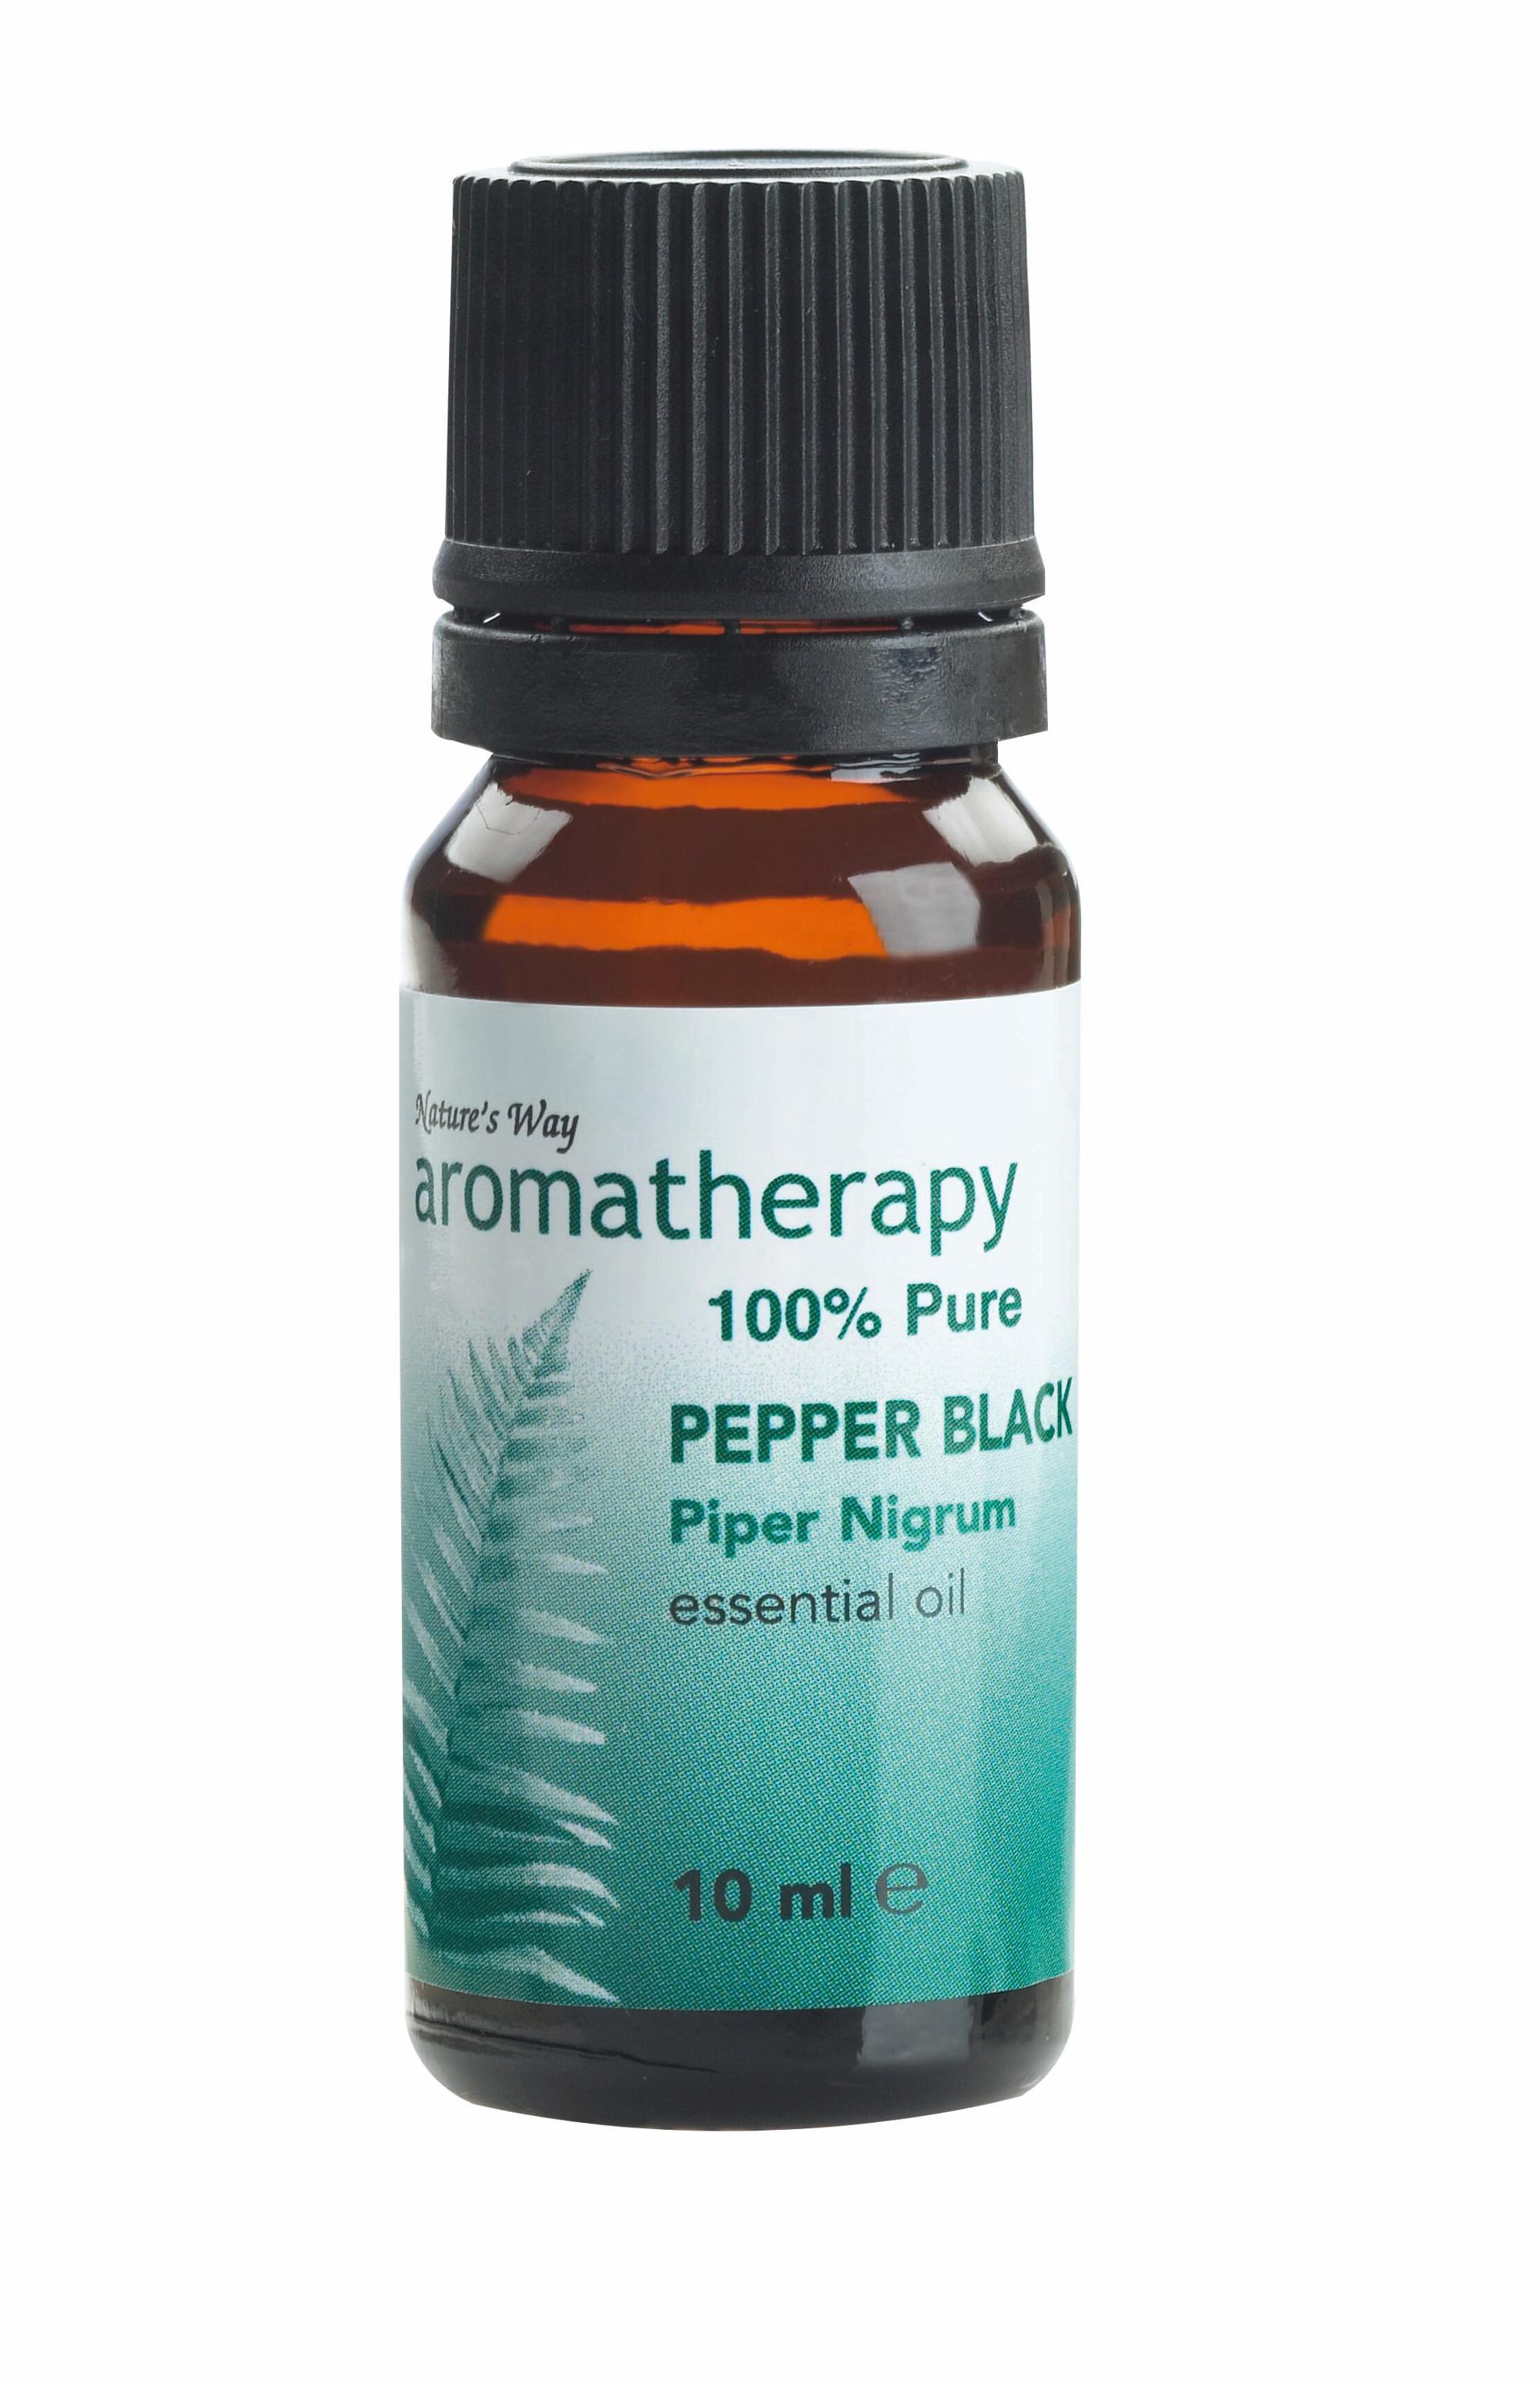 Pepper Black oil 10ml